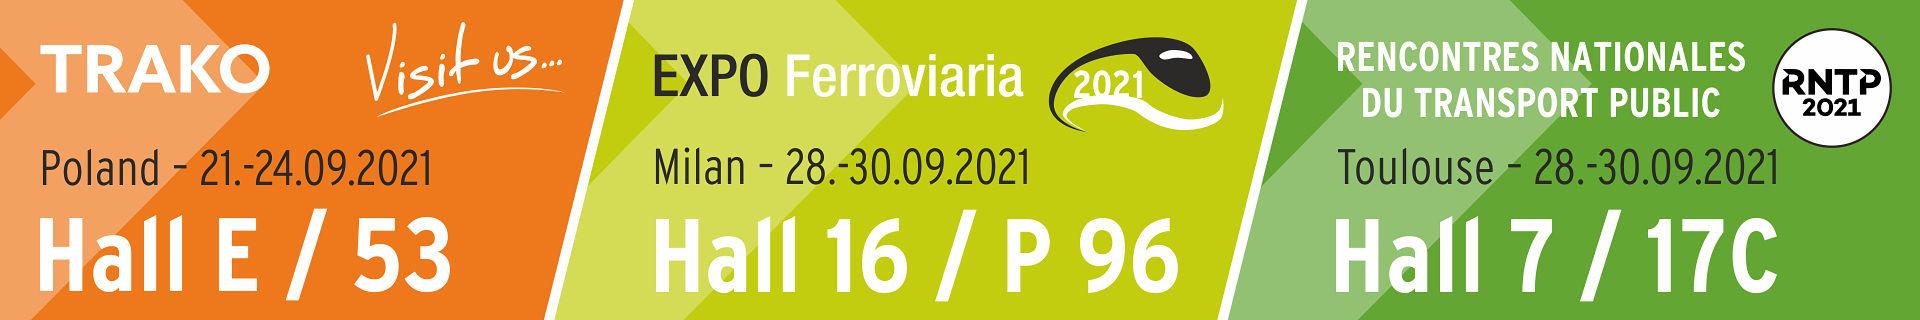 Treffen Sie uns auf der TRAKO in Polen, EXPO Ferroviaria in Italien oder RNTP in Frankreich im September 2021...